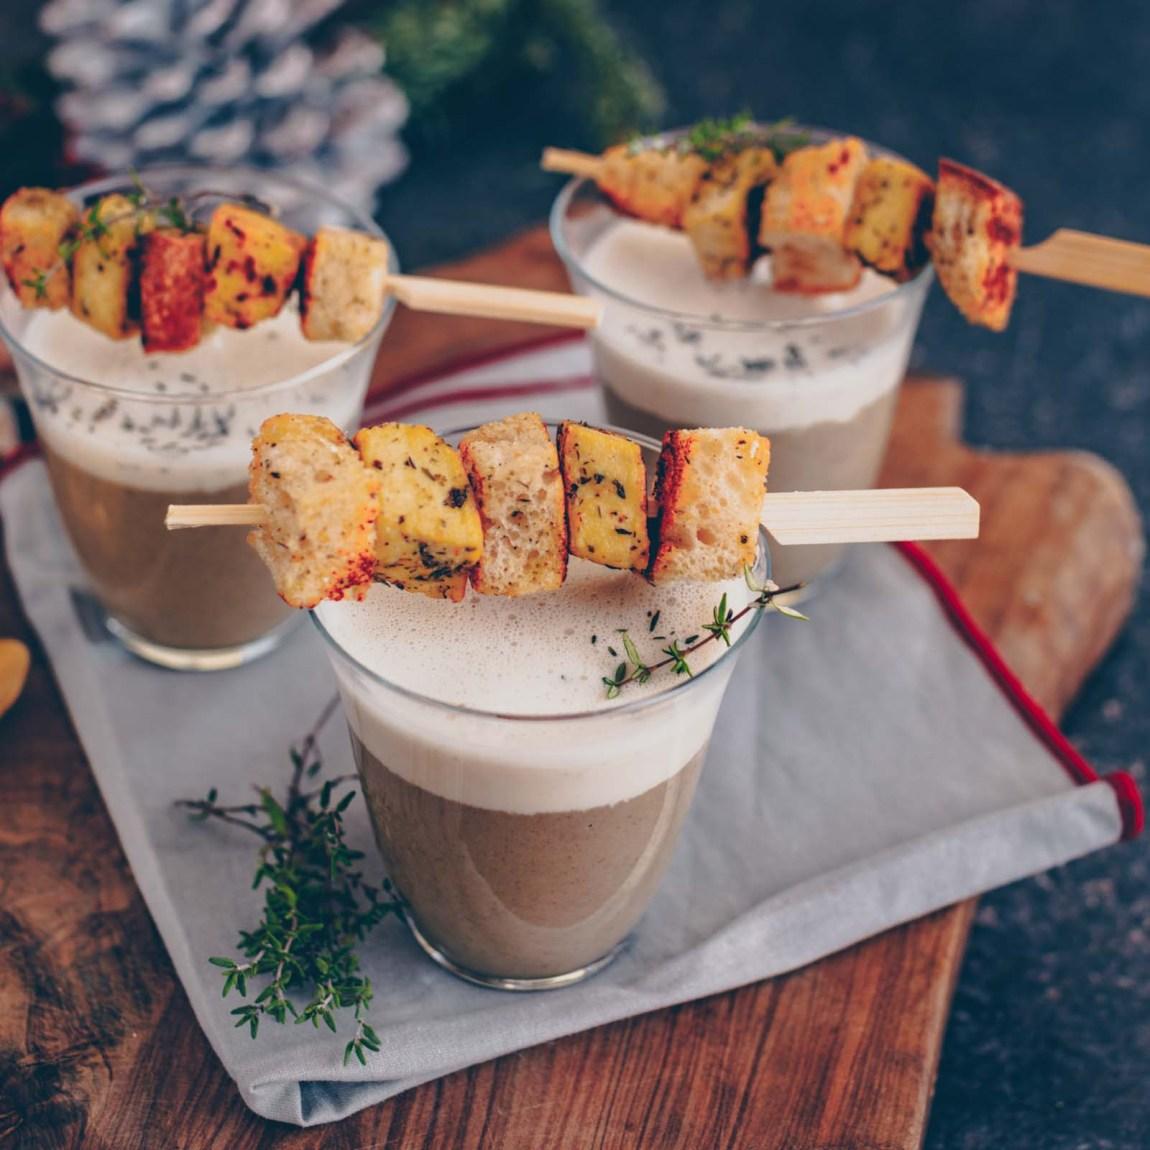 Weihnachtsvorspeise: Pilz-Cappucchino